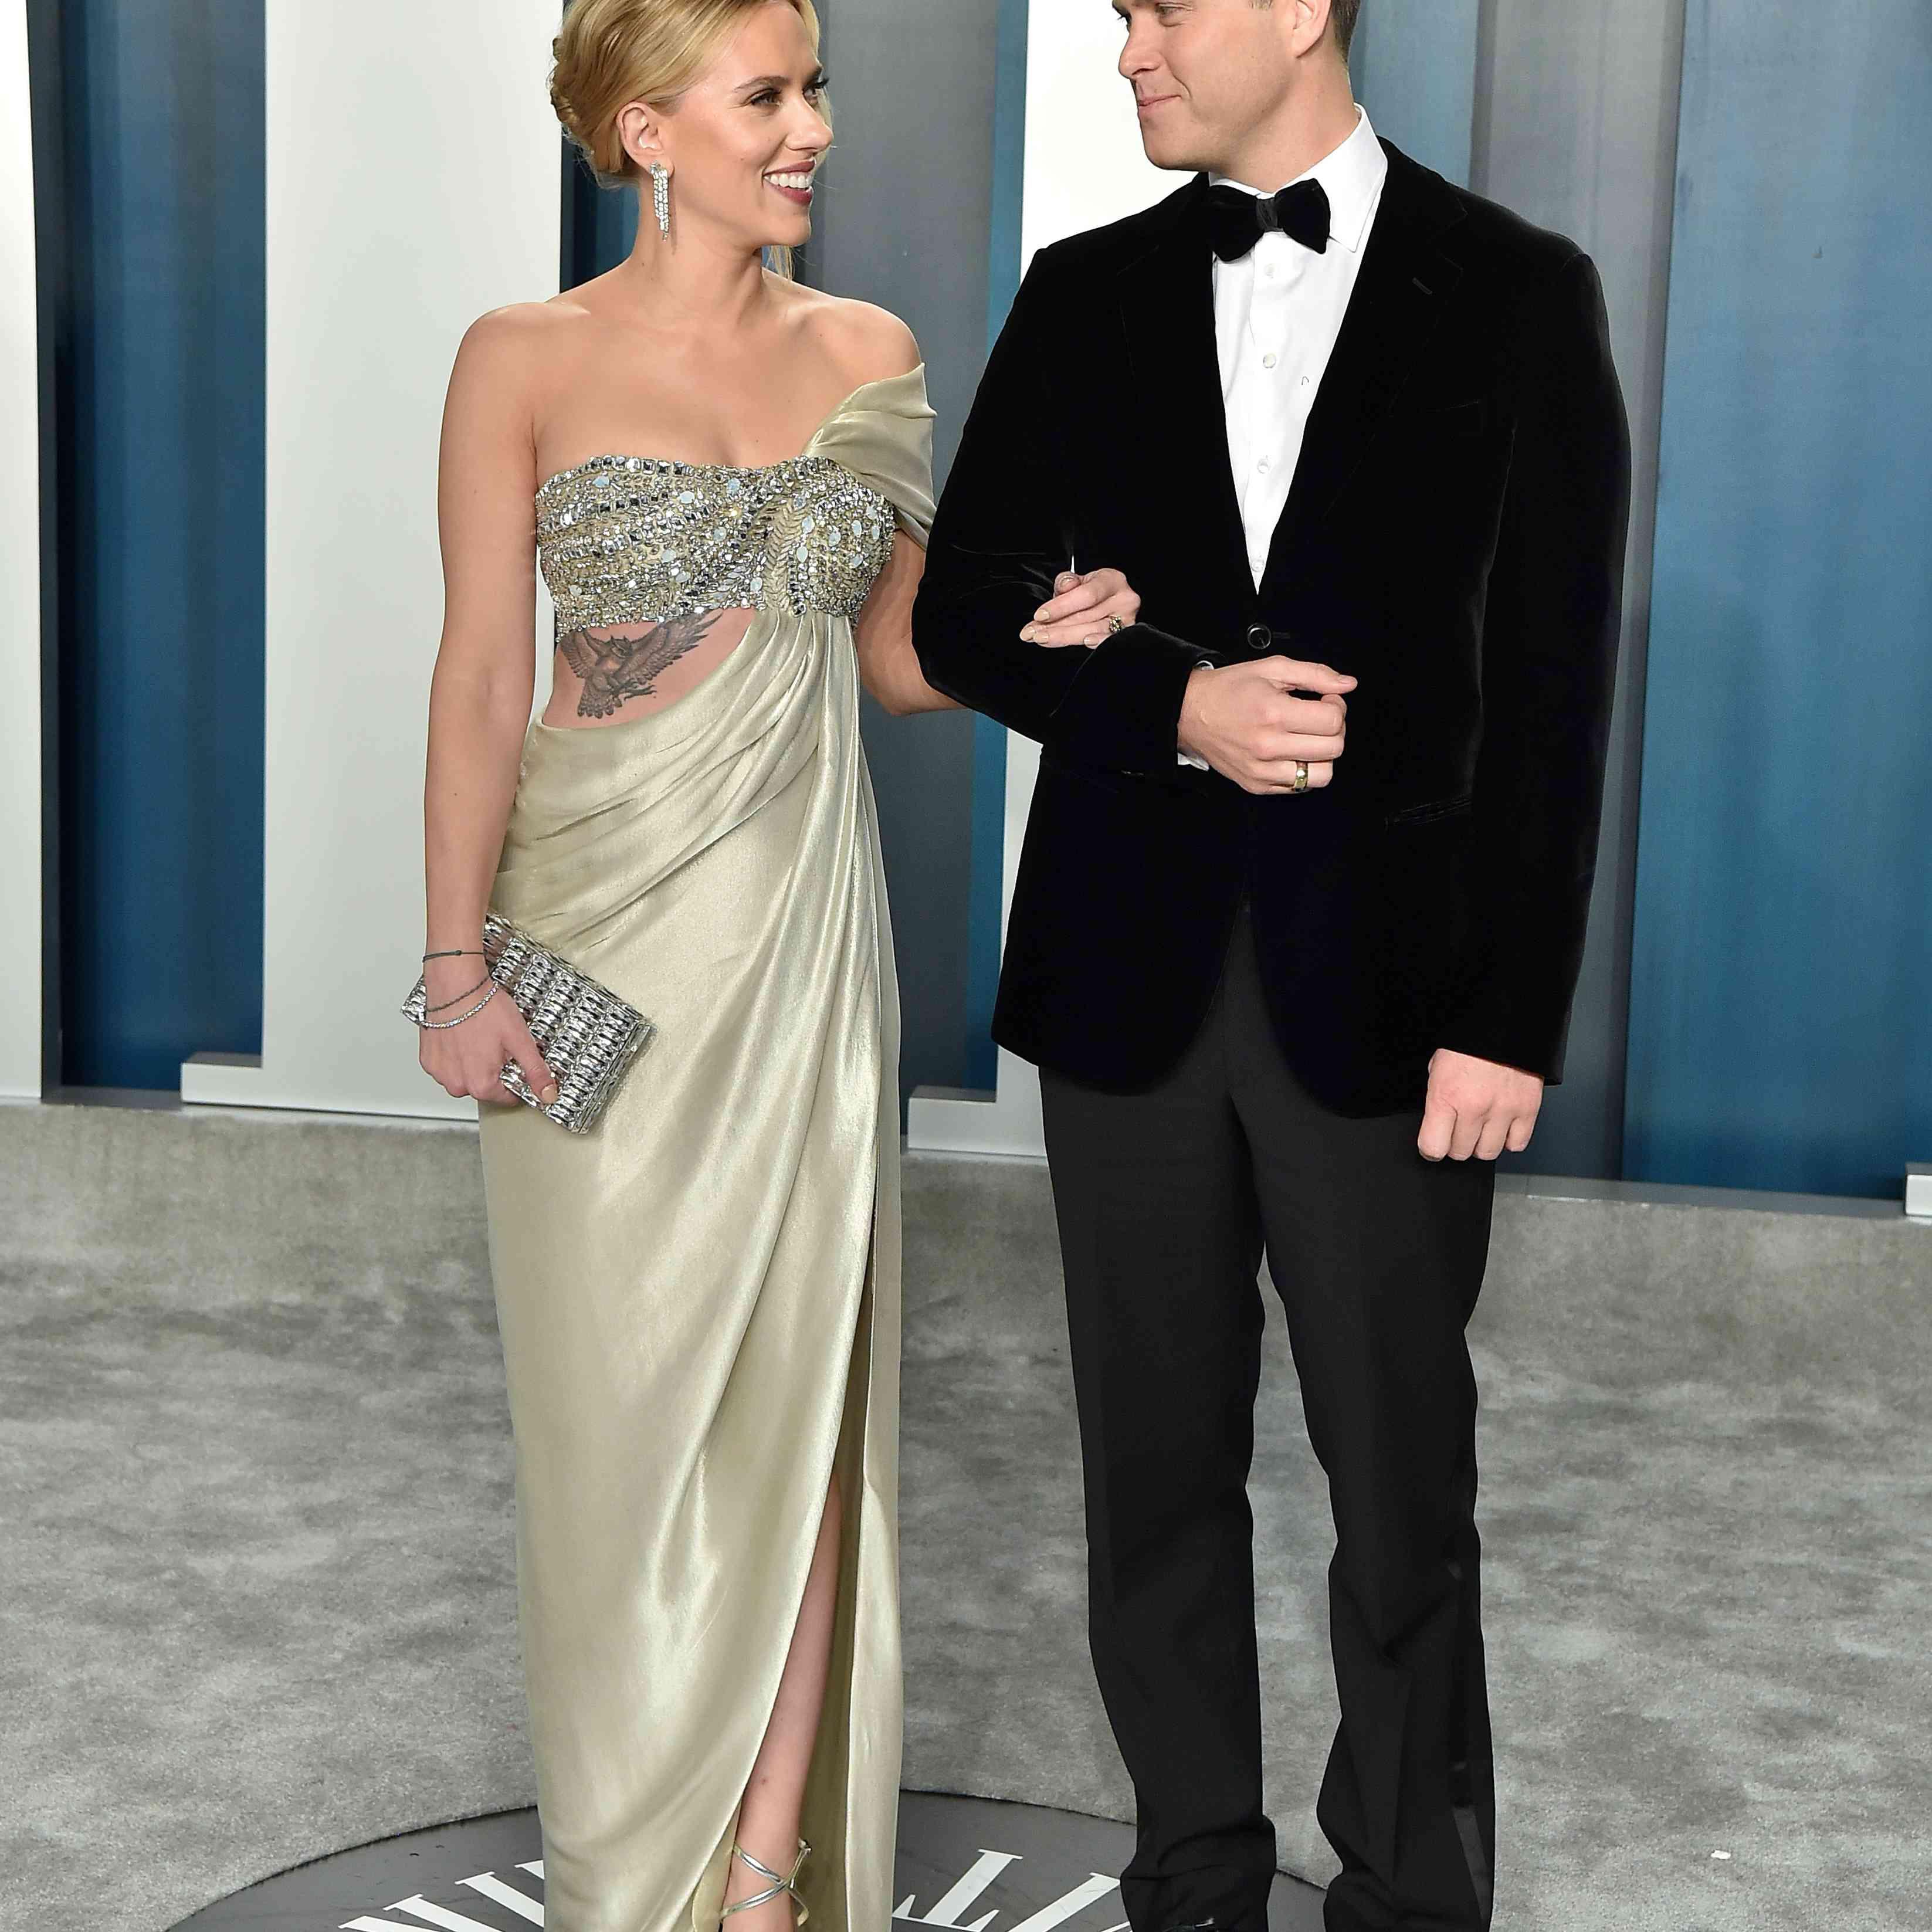 Colin Jost and Scarlett Johansson Vanity Fair Oscar Party